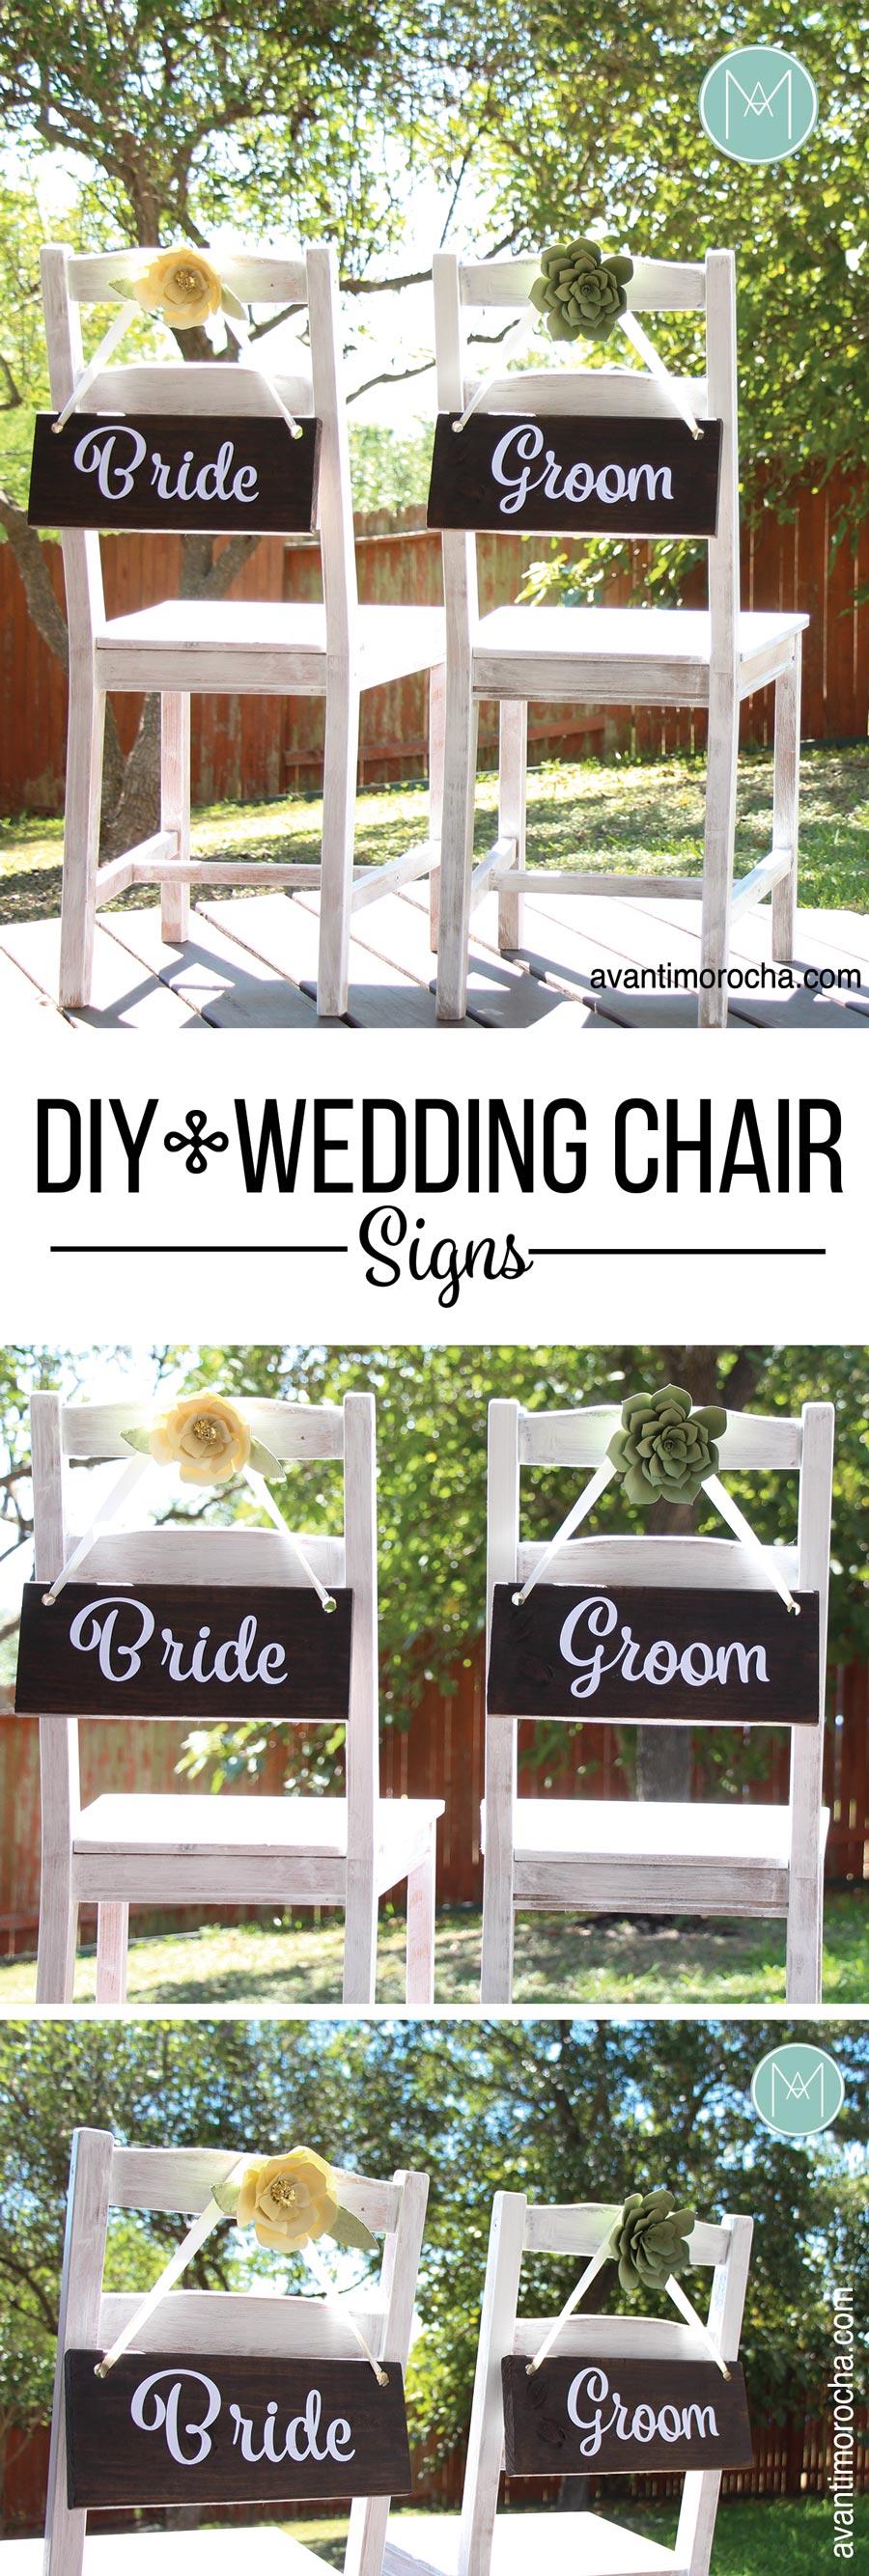 DIY Wedding Chair Signs